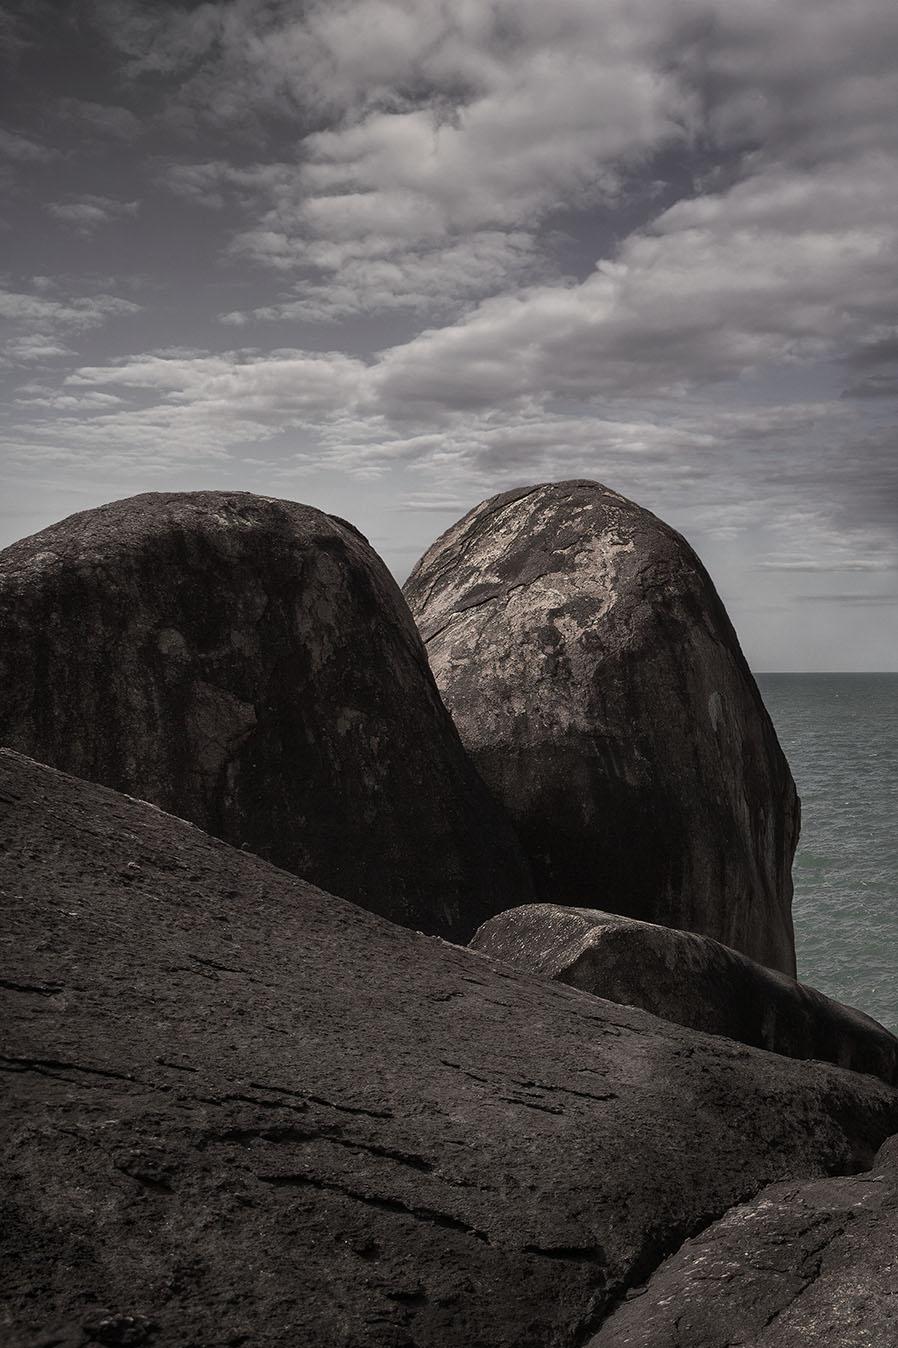 Goa_stone bay _IIB.jpg